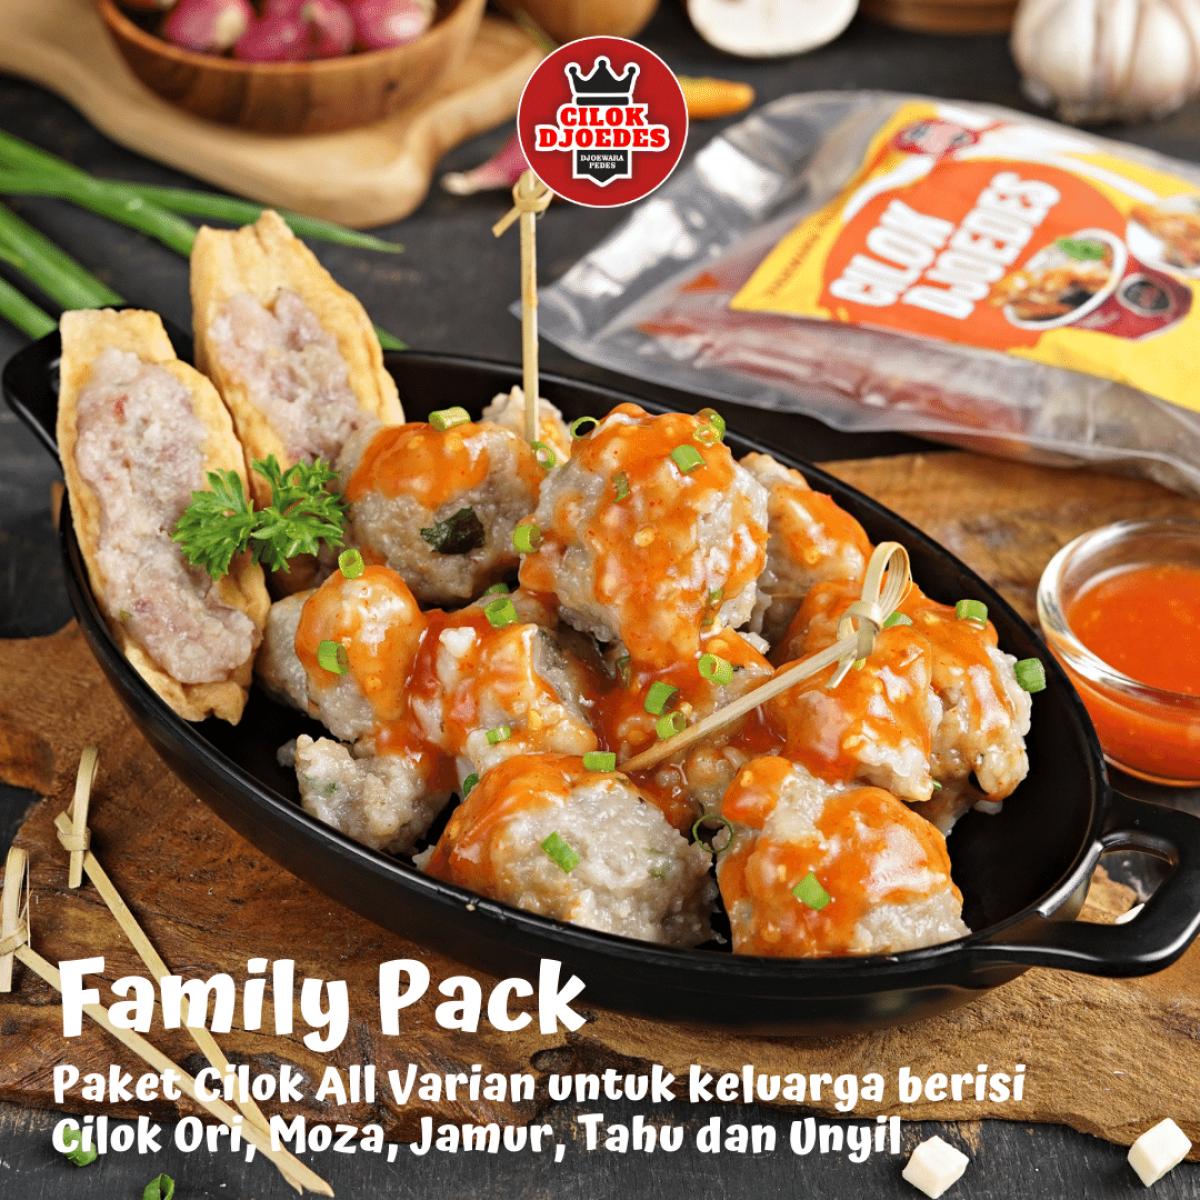 Family Pack Cilok Djoedes - Cilok Djoedes